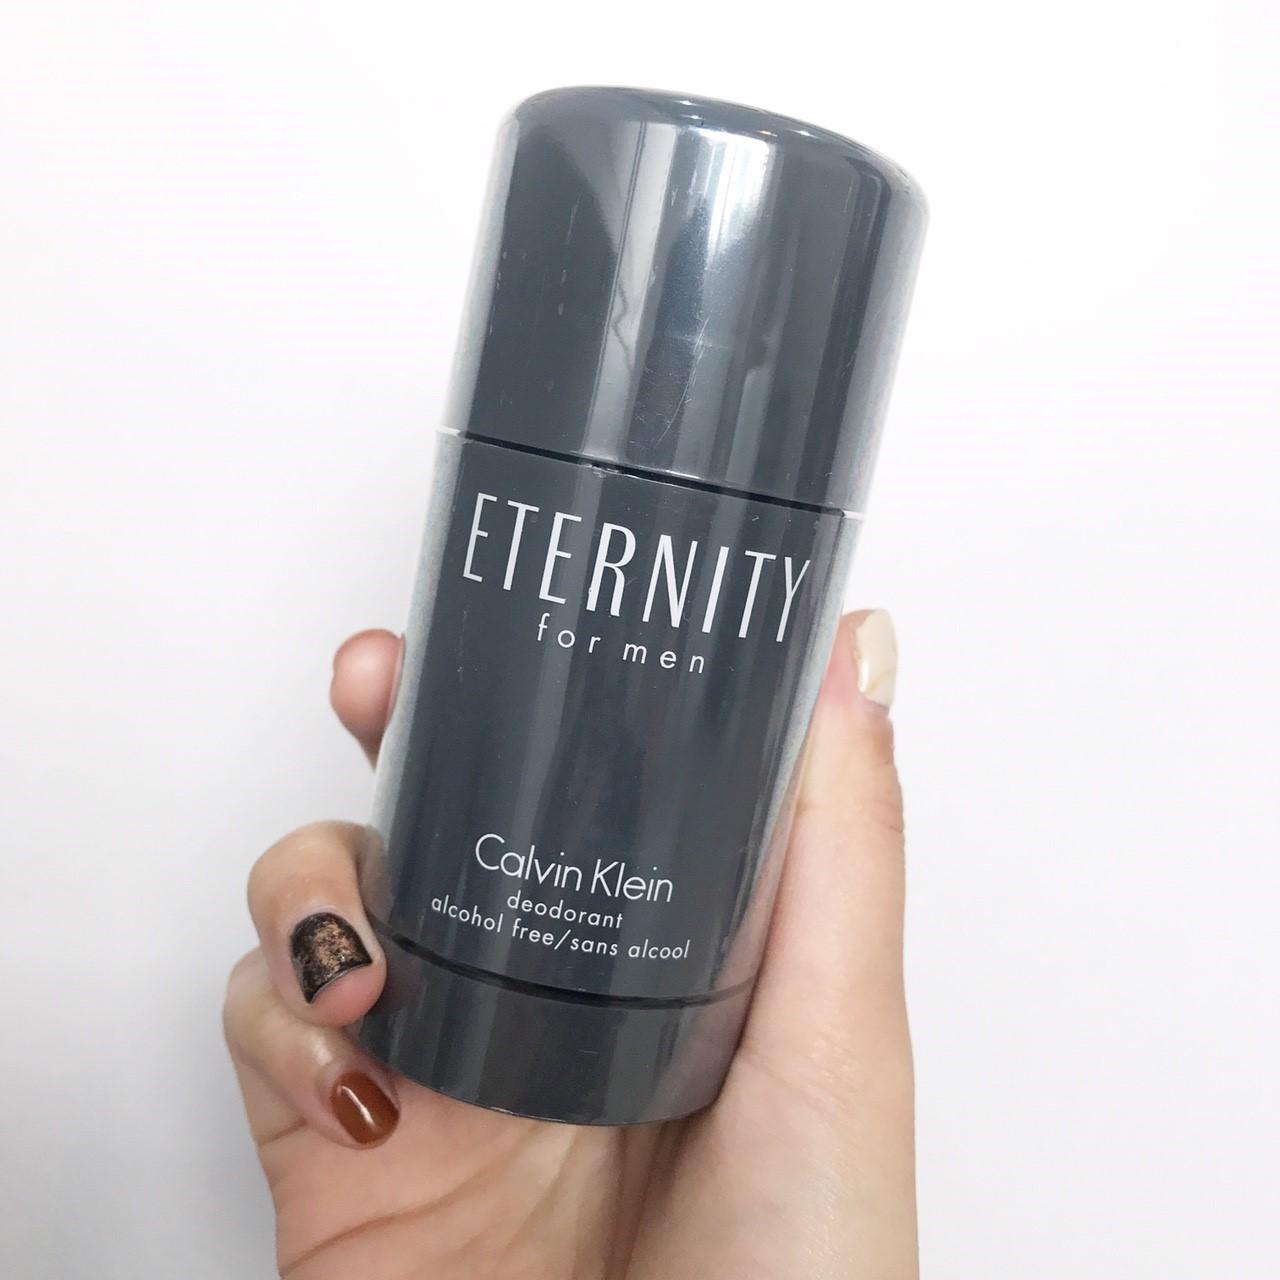 โรลออน CK Eternity for men Deodorant Stick 75g. ของแท้